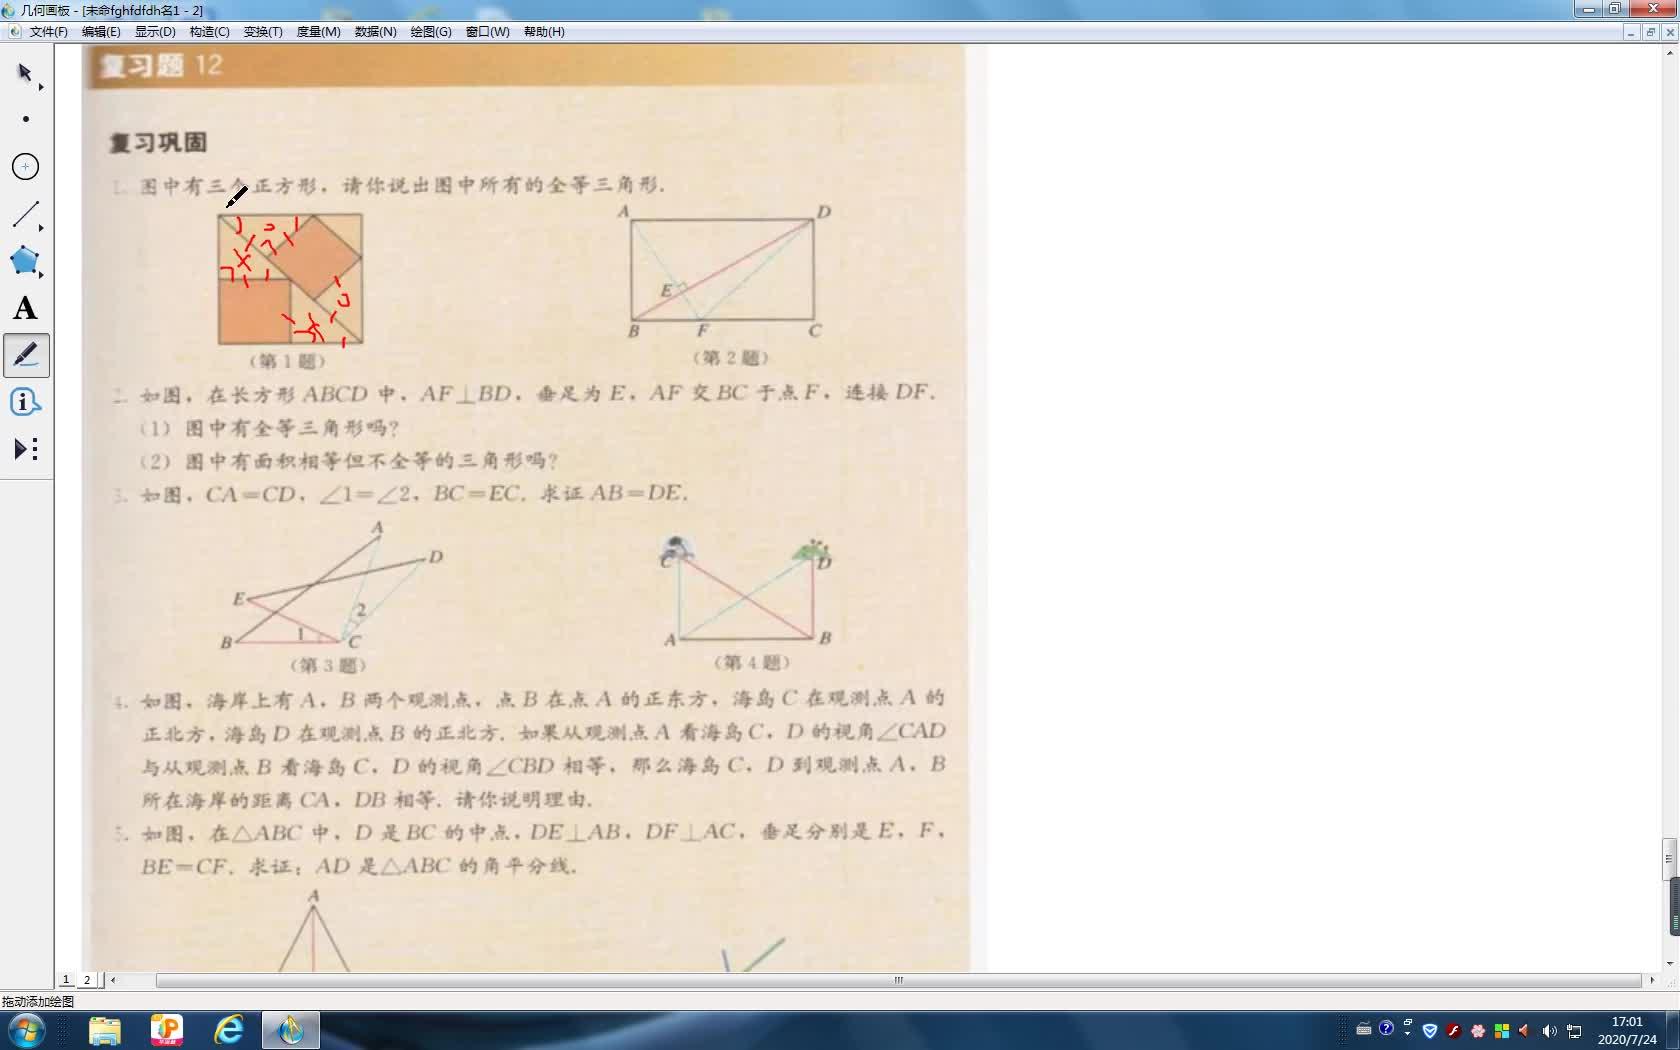 人教版 八年级上册 第12章  复习 题 12讲解 视频